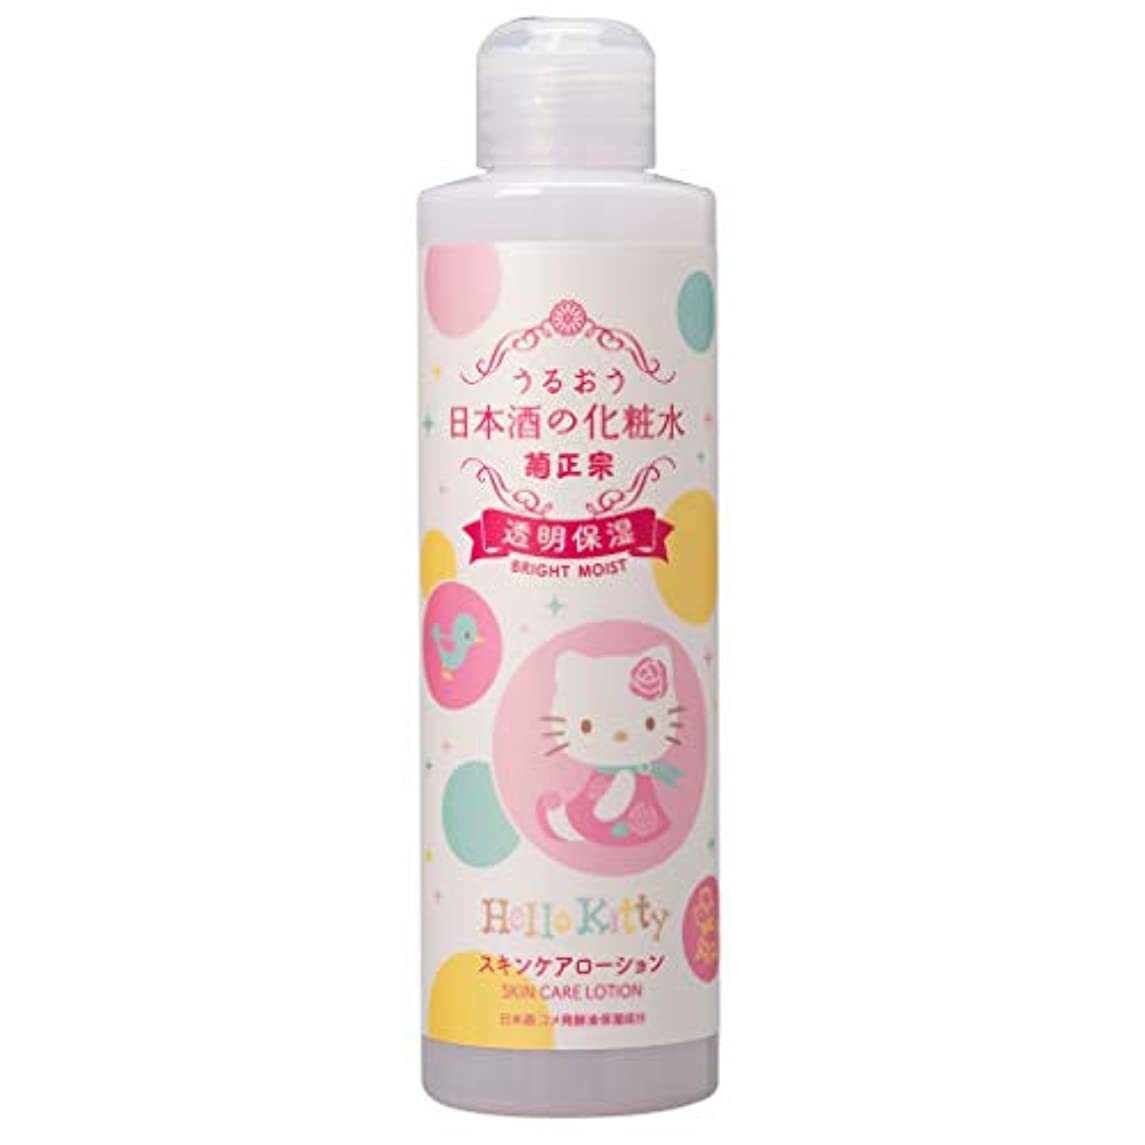 ハウジング手首熟達した菊正宗 日本酒の化粧水 透明保湿 キティボトル 200ml